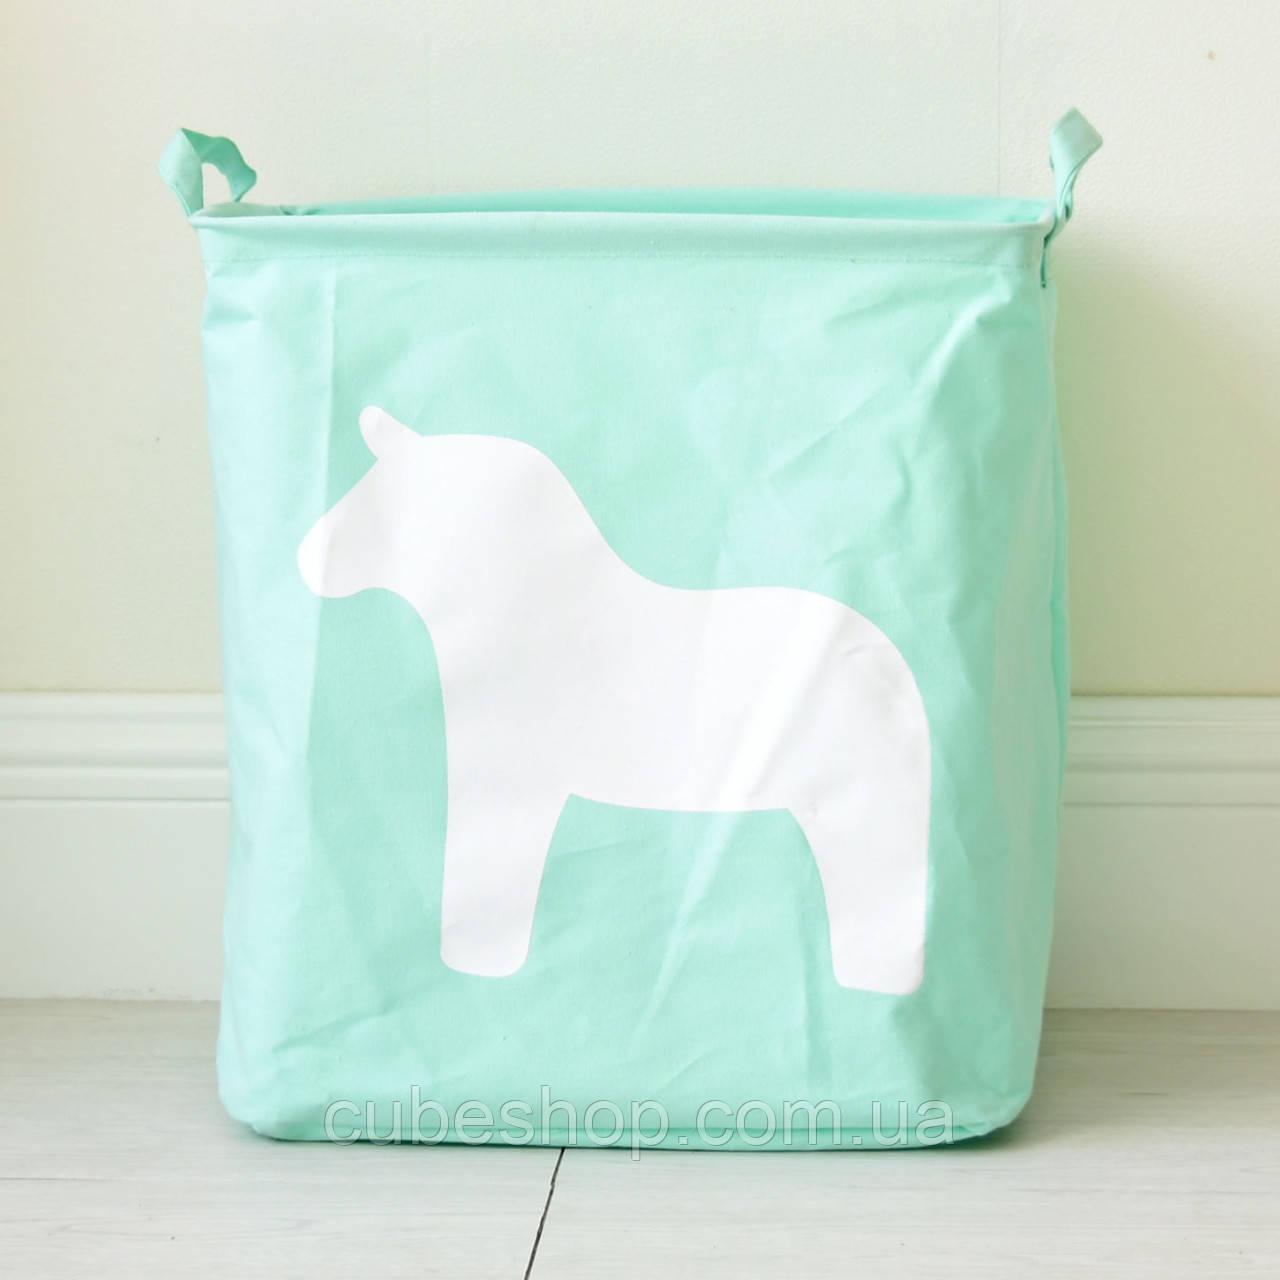 Корзина для белья и игрушек Horse mint